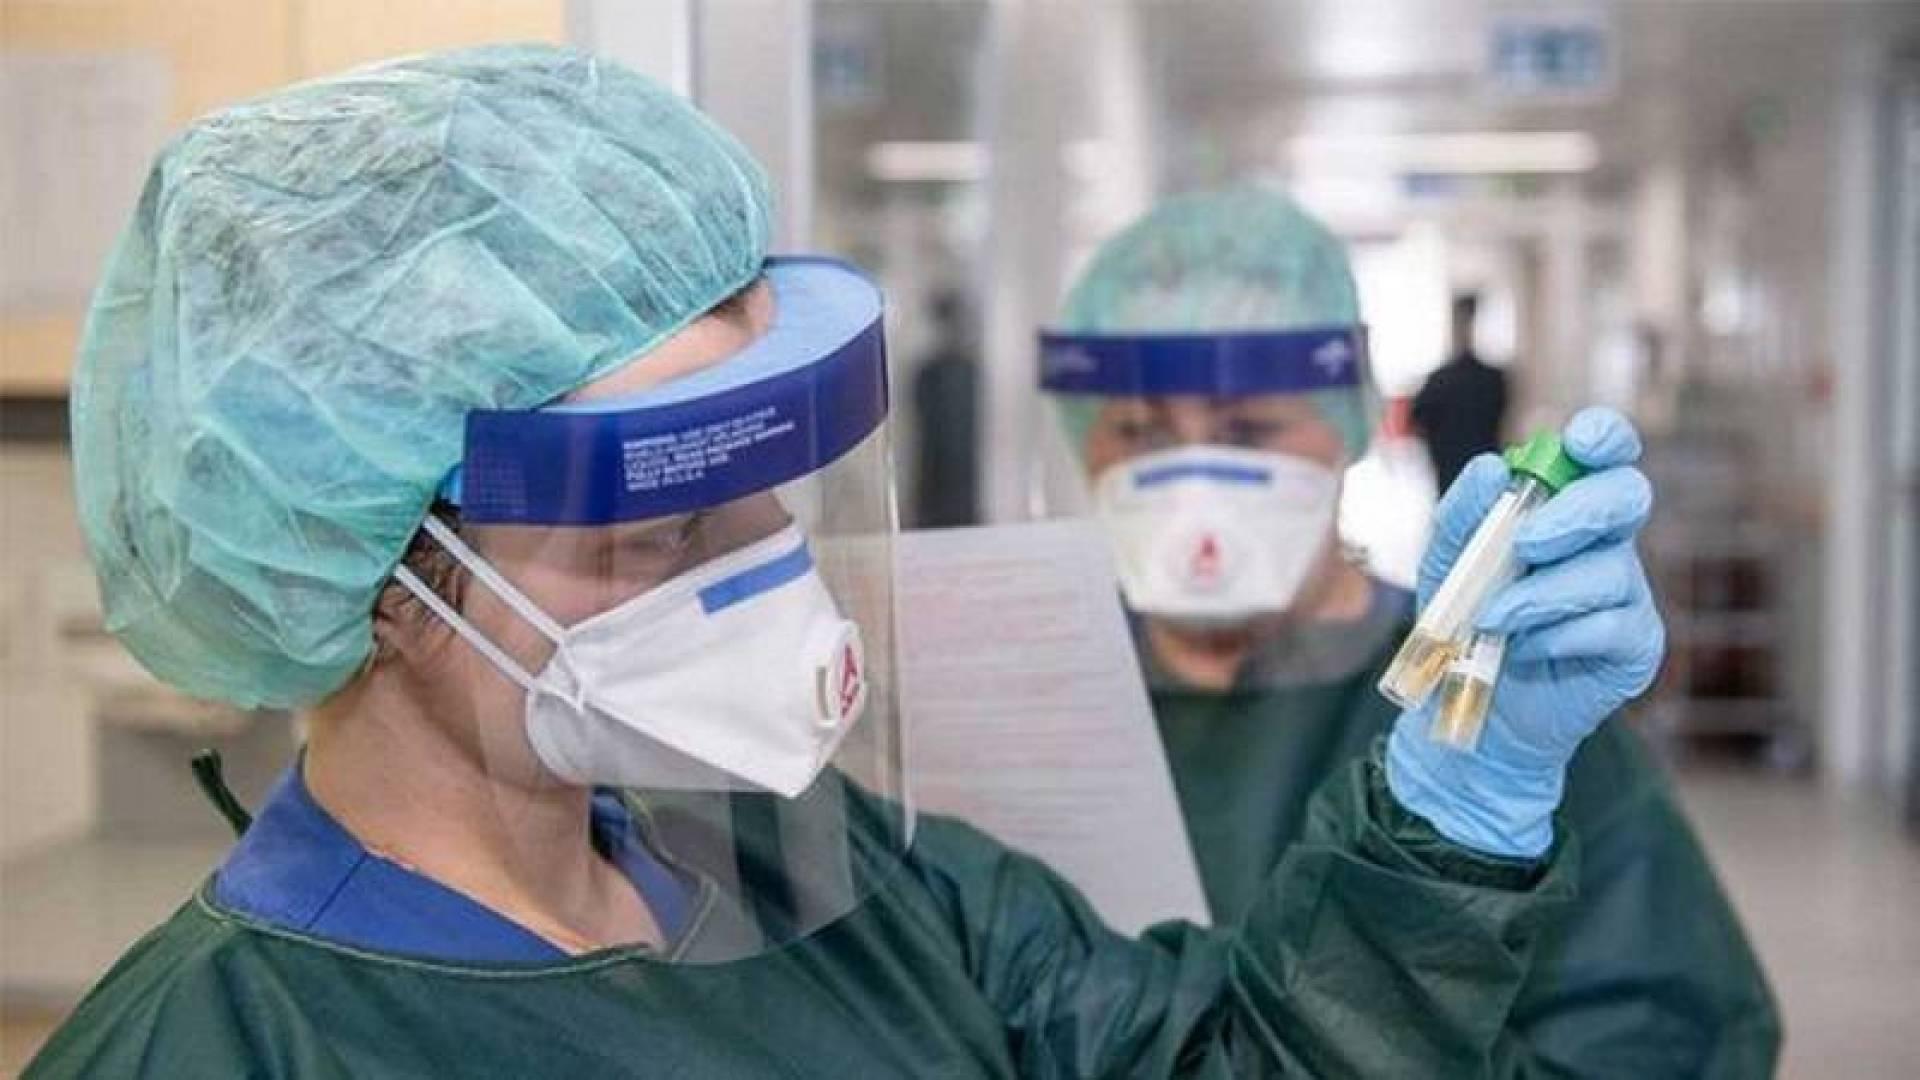 البرازيل تعلن عن إصابة مؤكدة لديها بفيروس كورونا